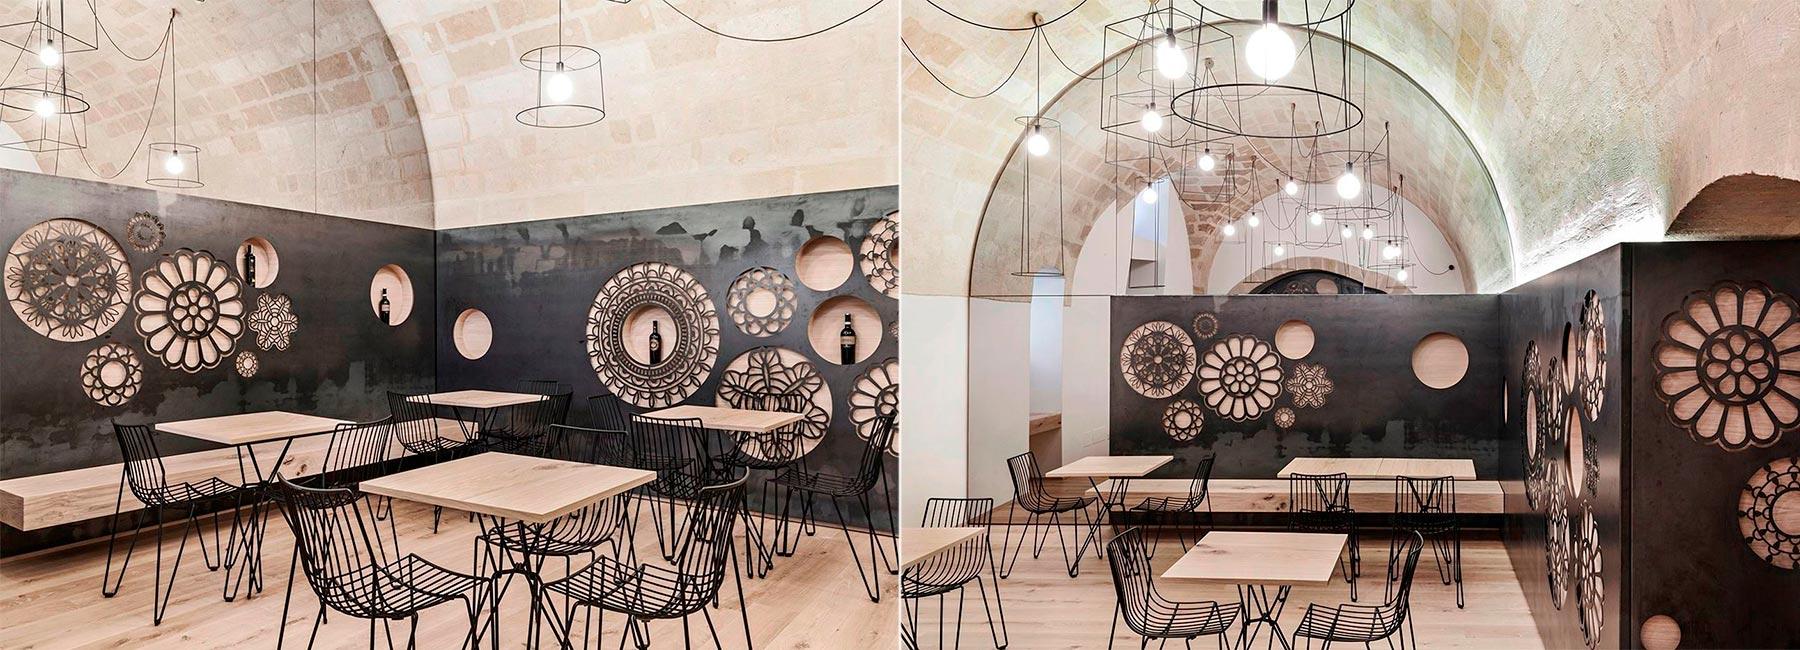 Дуб и металл – всего 2-а материала использованы в дизайне этого кафе